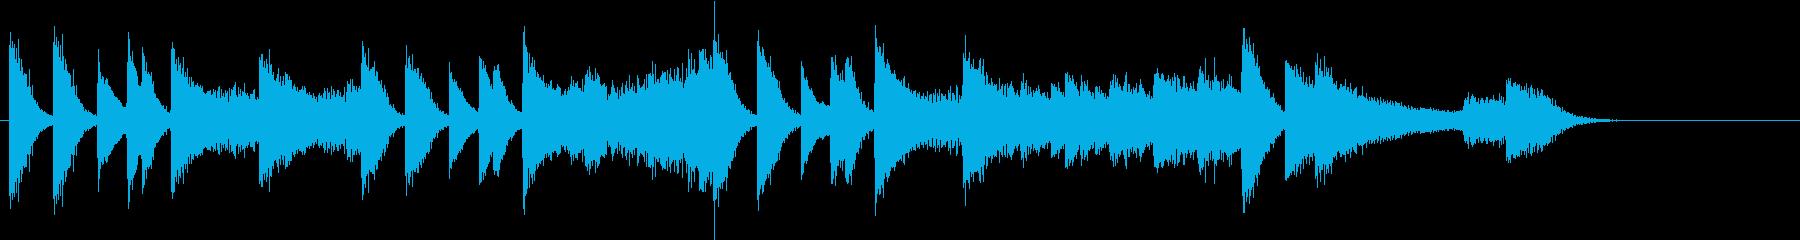 始まりを予感するゴージャスピアノジングルの再生済みの波形